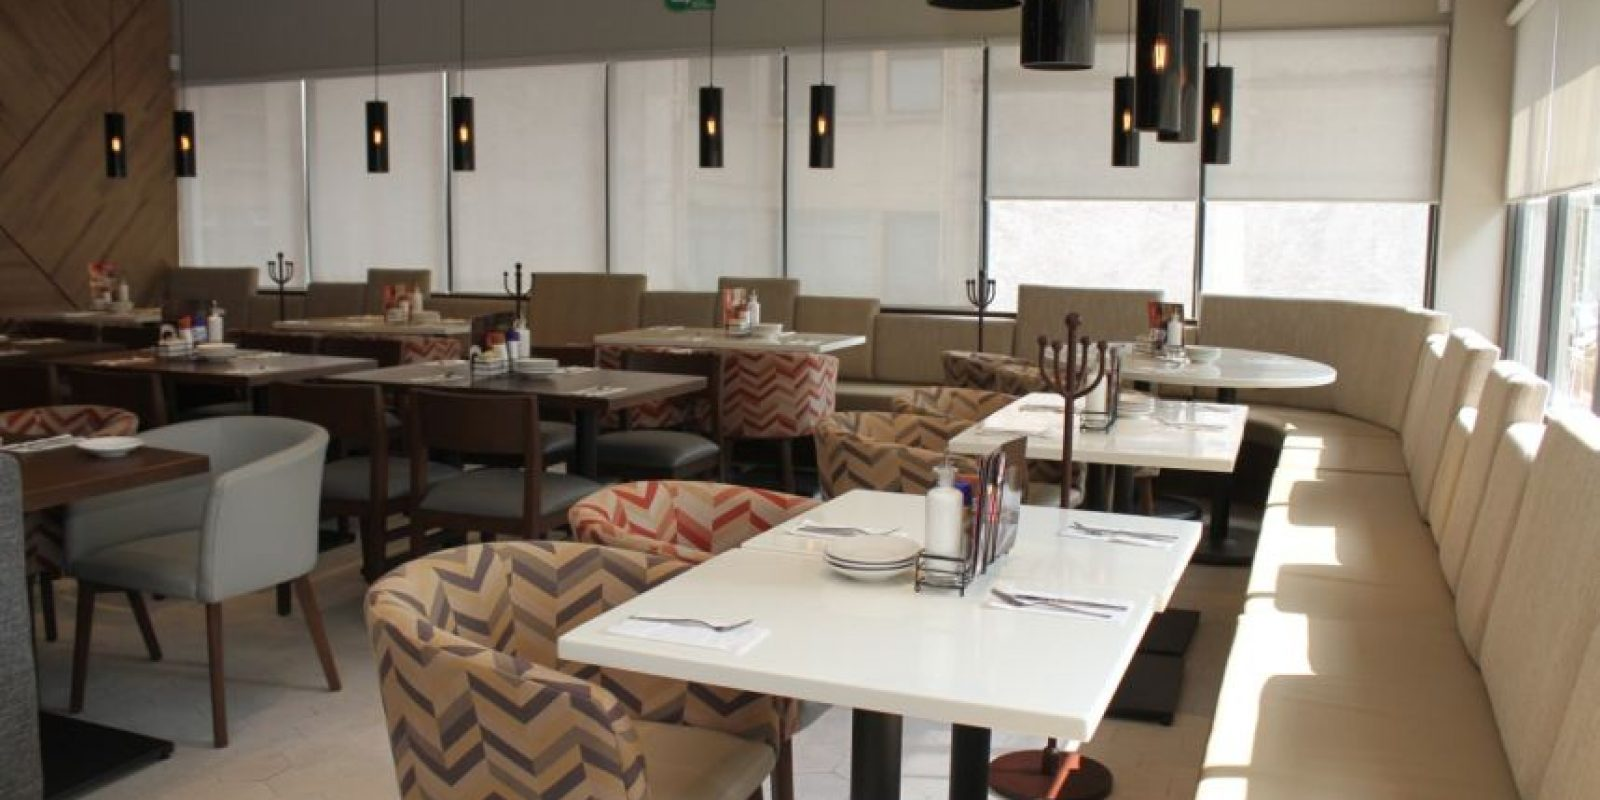 Los espacios fueron diseñados según las necesidades de los comensales. Foto:Nicolás Corte / Publimetro